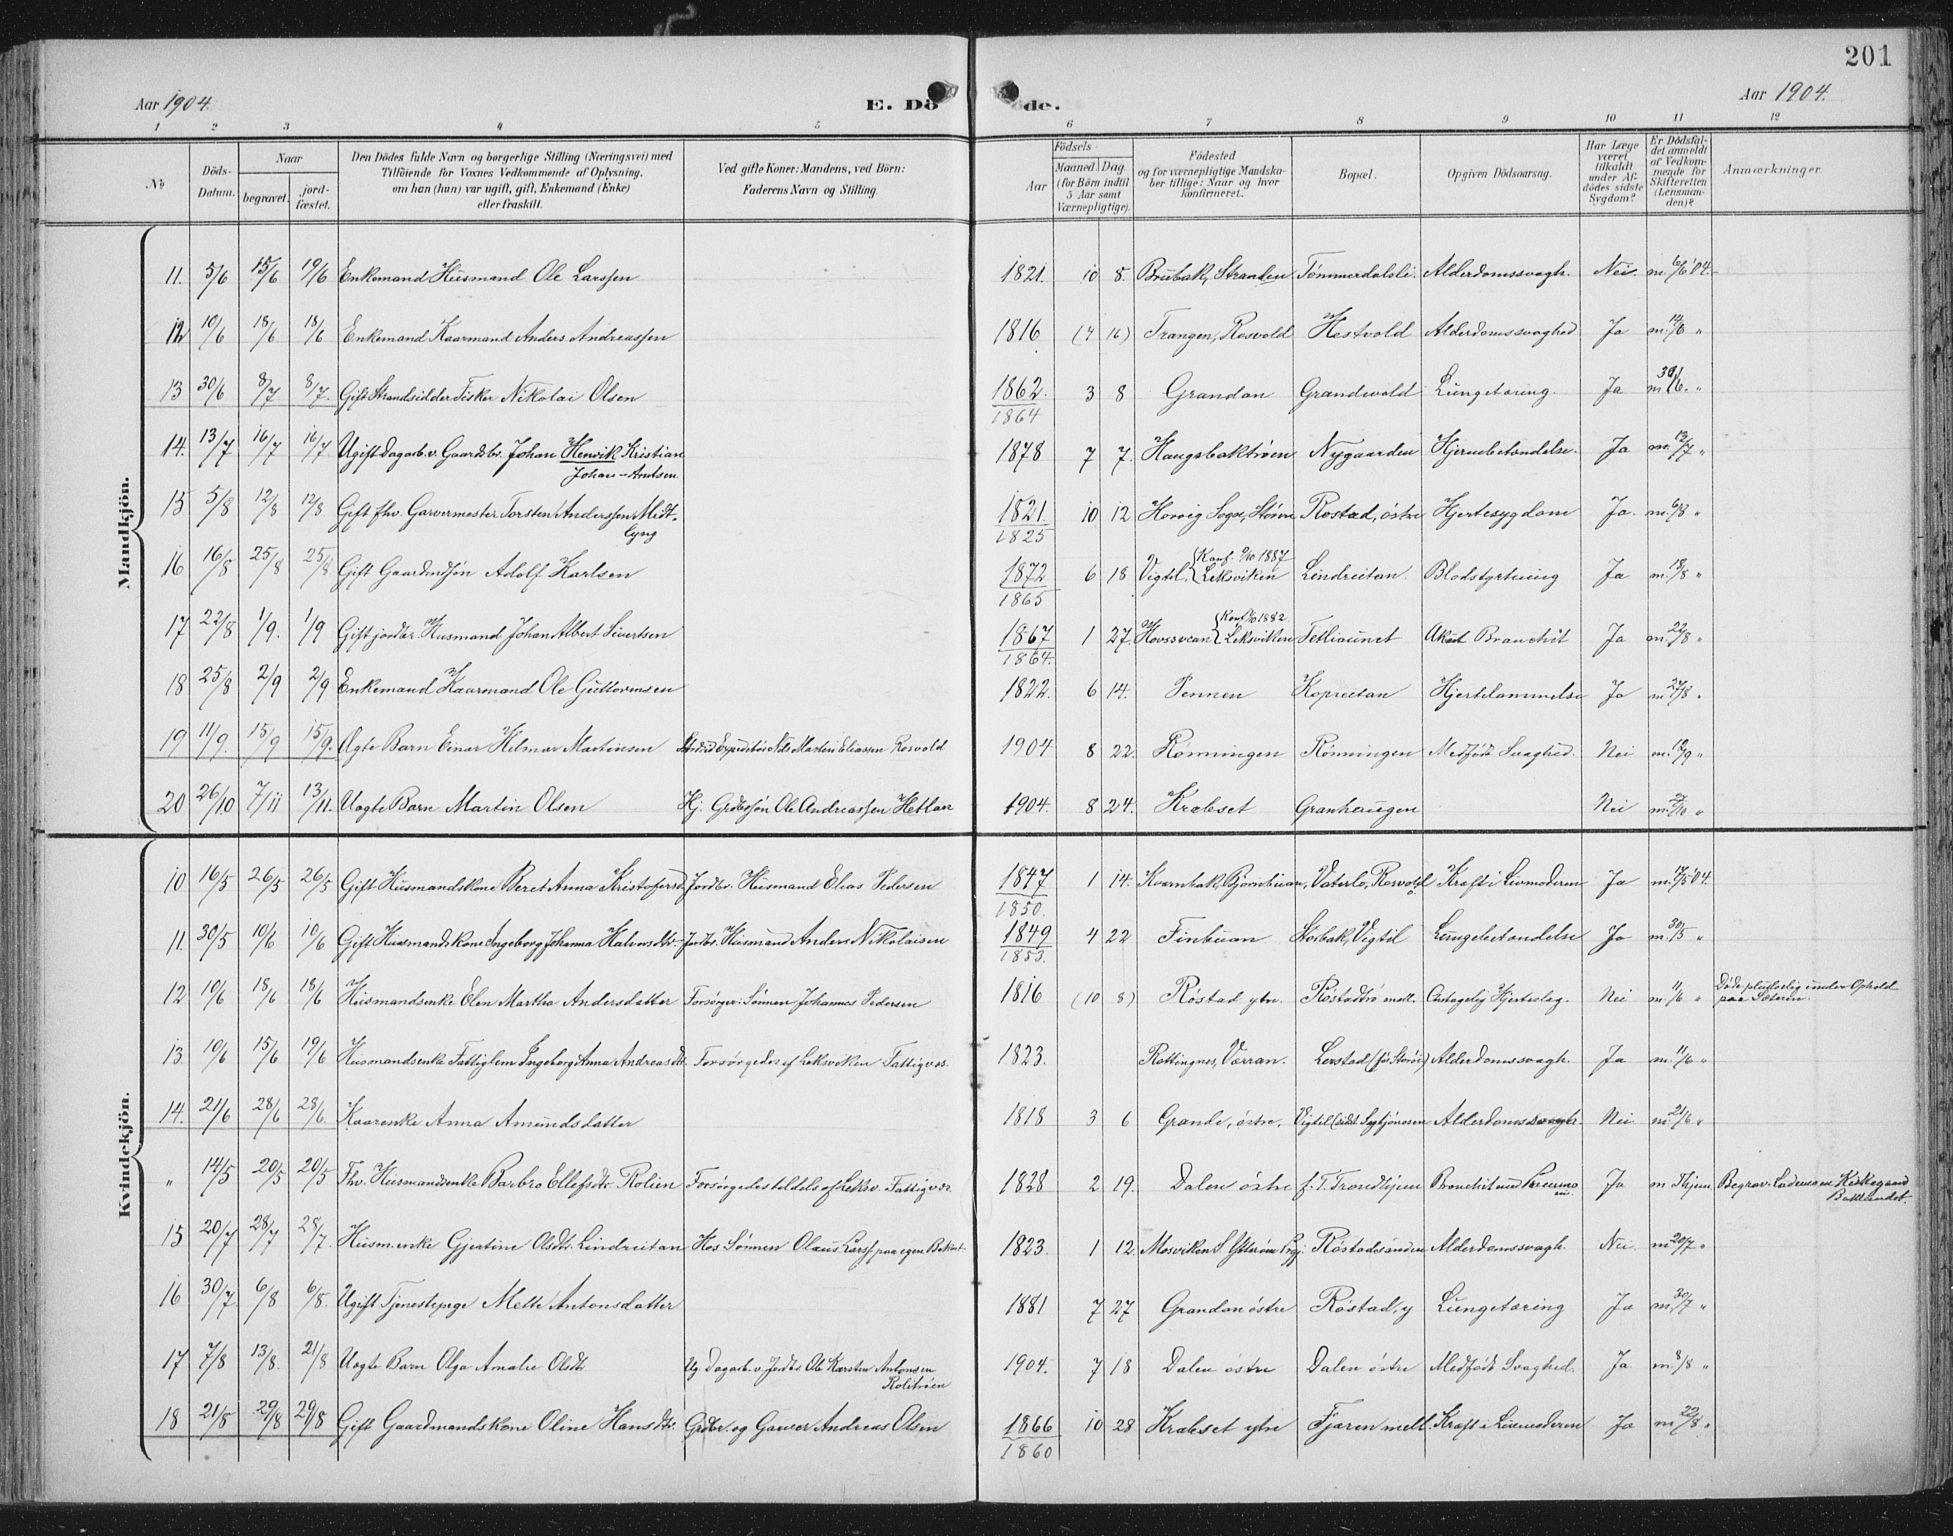 SAT, Ministerialprotokoller, klokkerbøker og fødselsregistre - Nord-Trøndelag, 701/L0011: Ministerialbok nr. 701A11, 1899-1915, s. 201